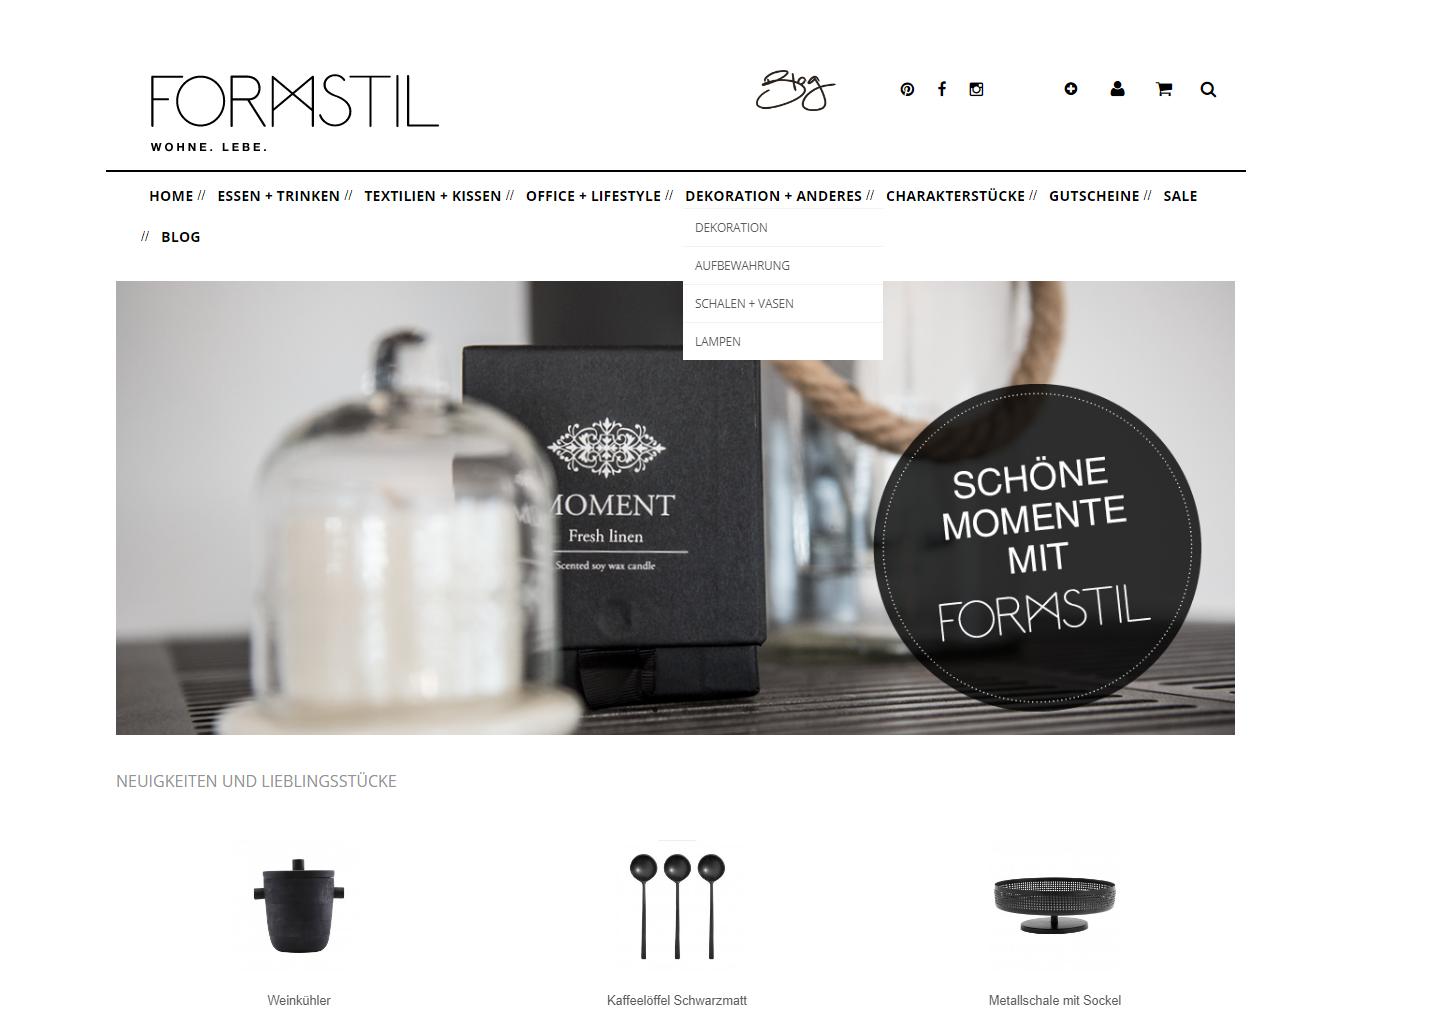 Formstil-ch-auf-Basis-von-Shopware